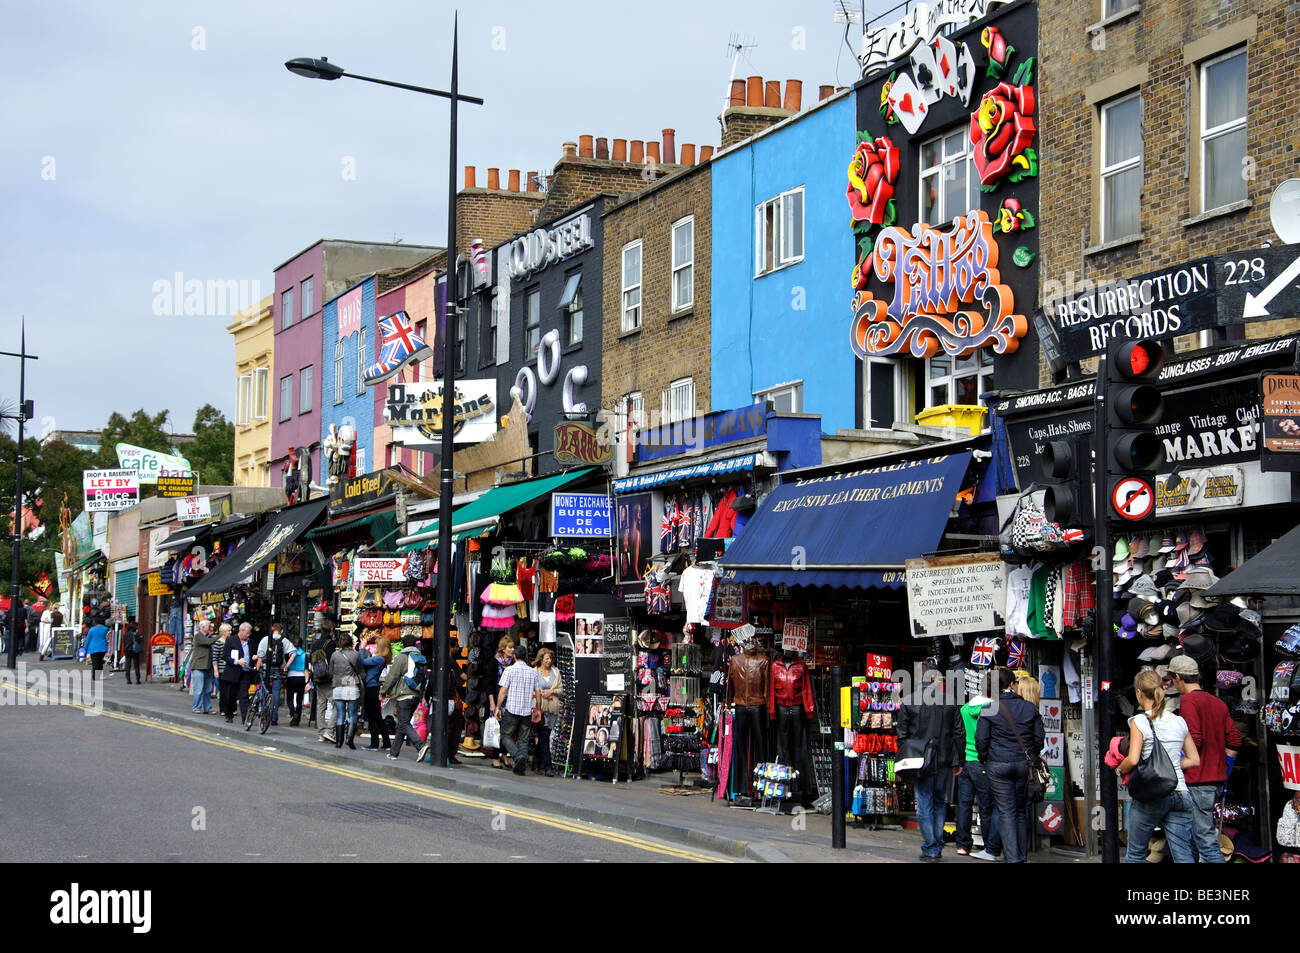 Image gallery london borough of camden for The camden